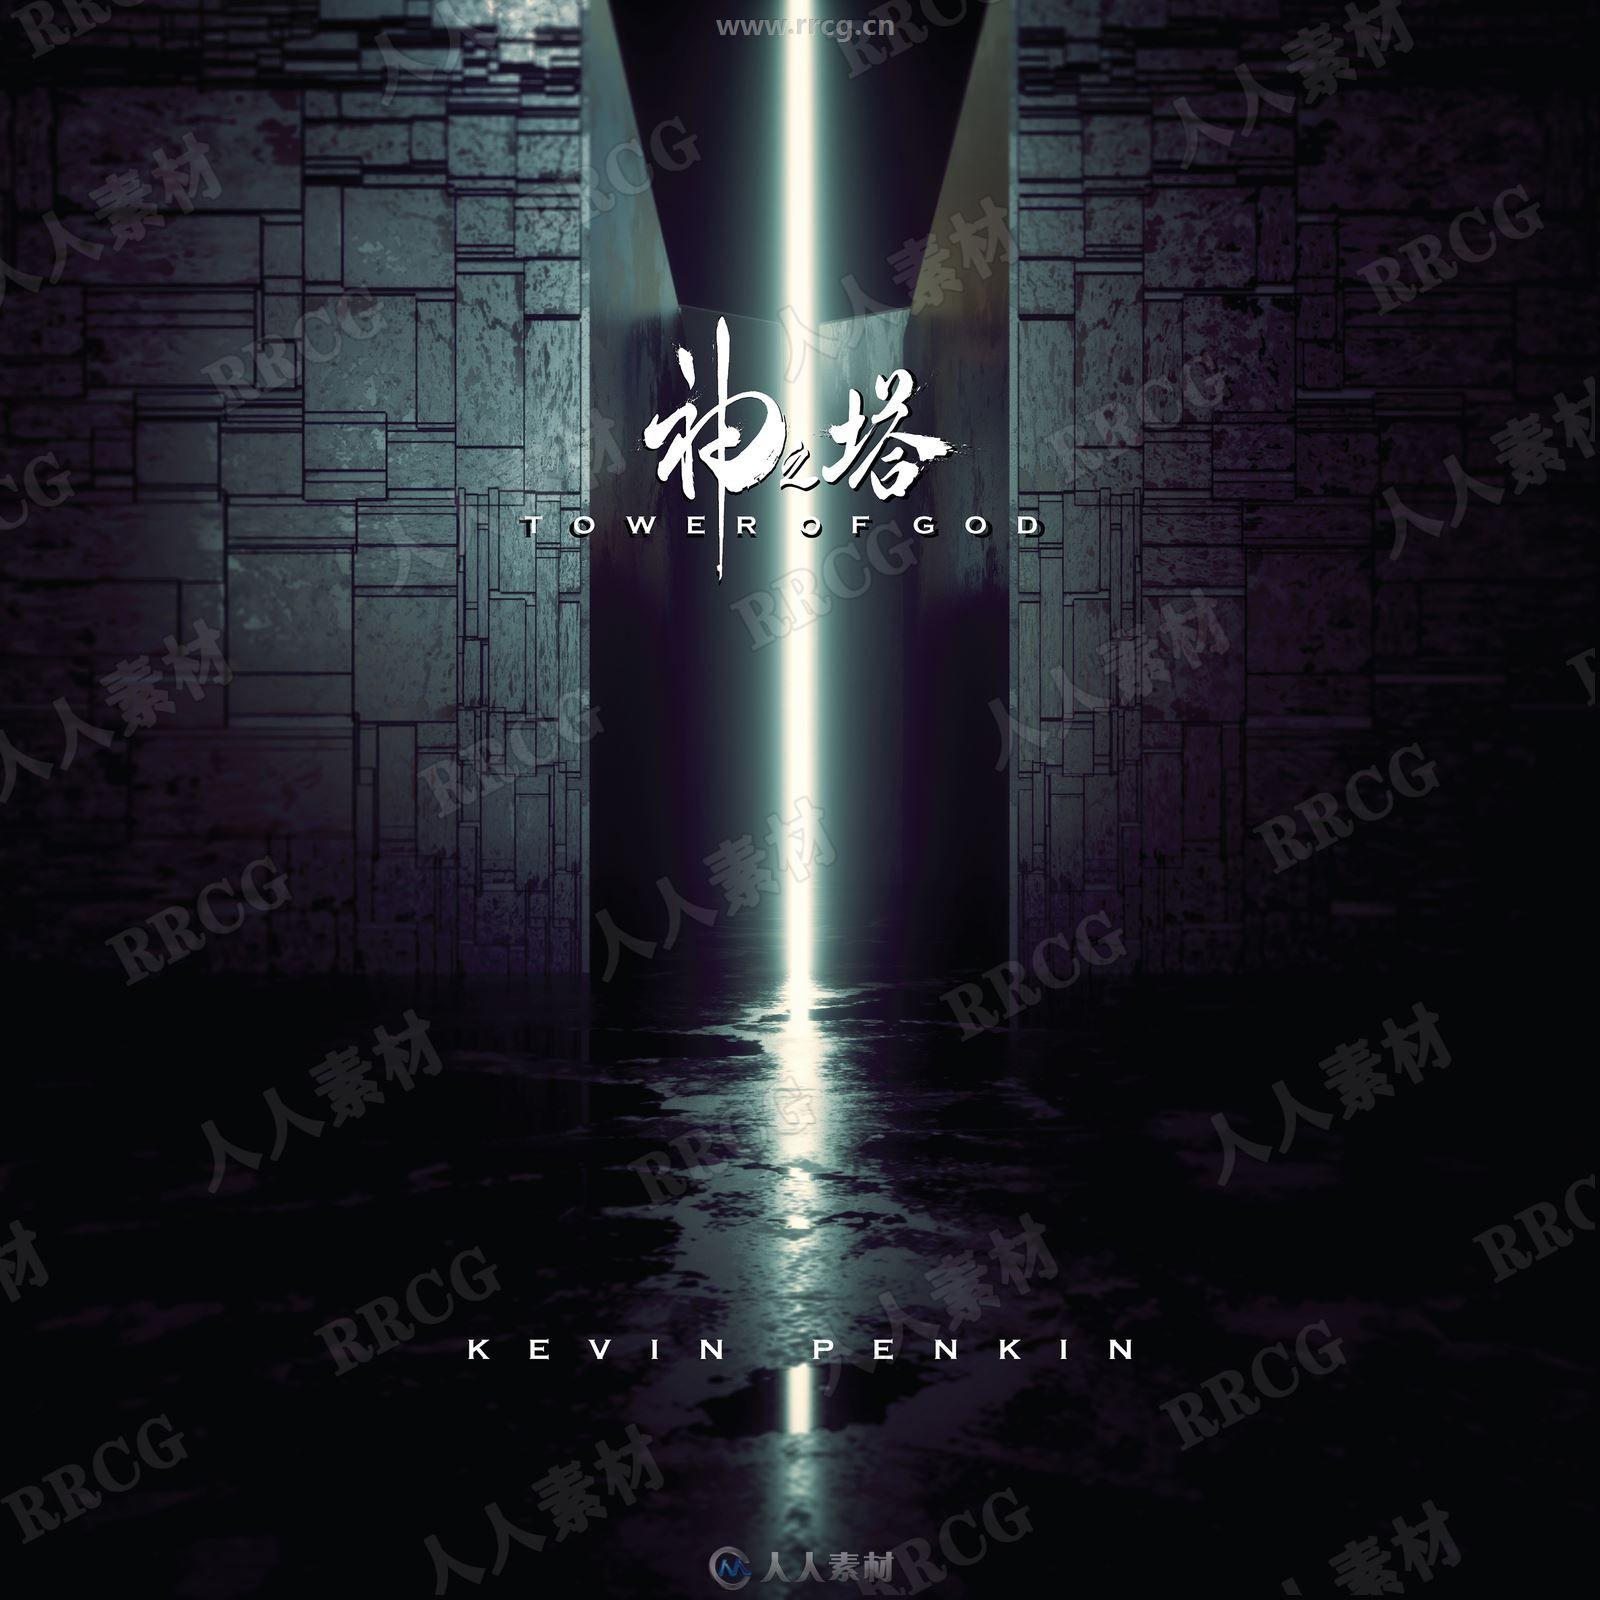 神之塔动画配乐原声大碟OST音乐素材合集